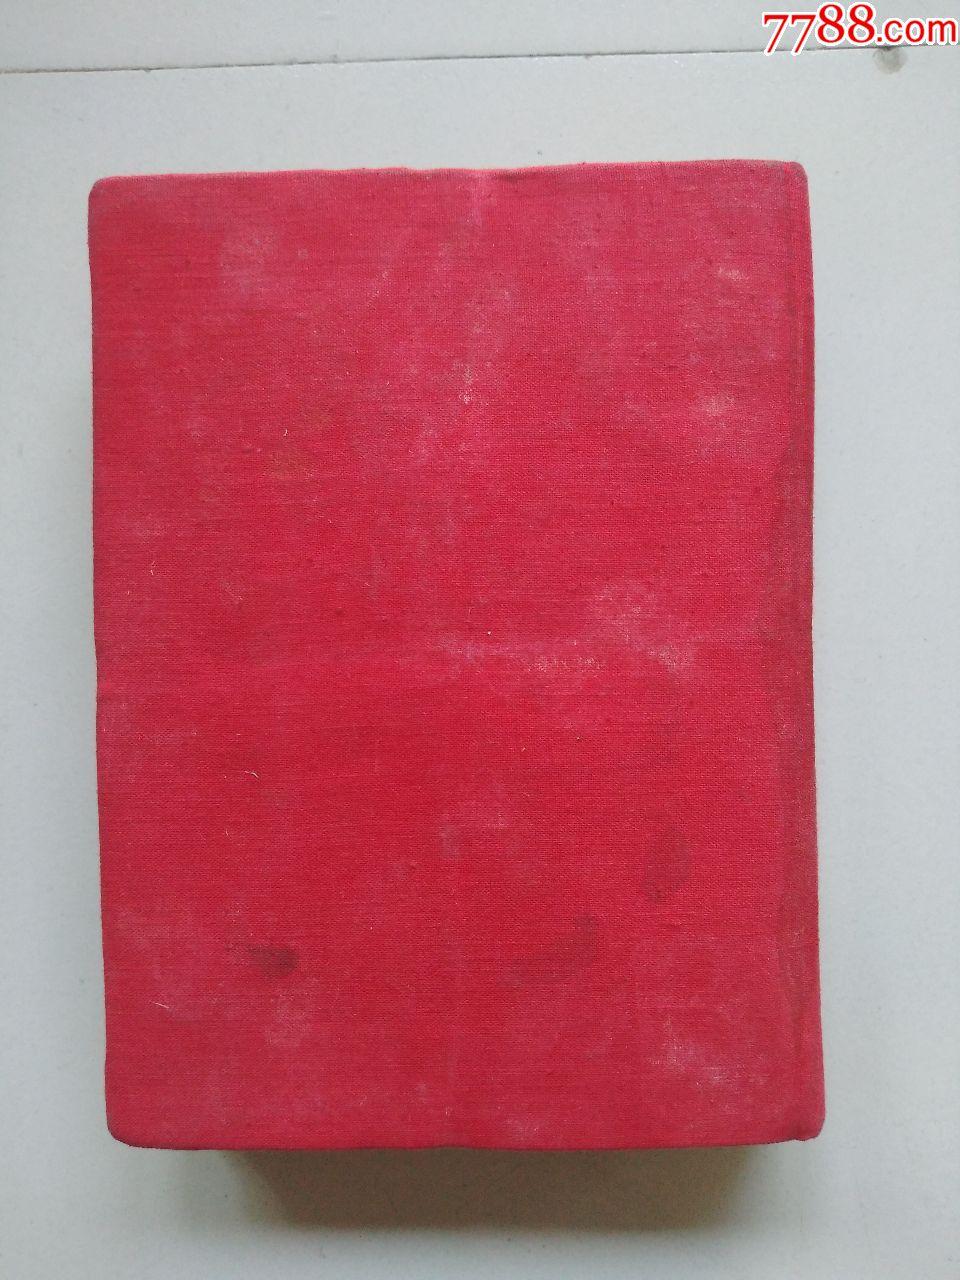 少见1948年山东新华书店发行的苏联共产党历史布面精装(se65483881)_